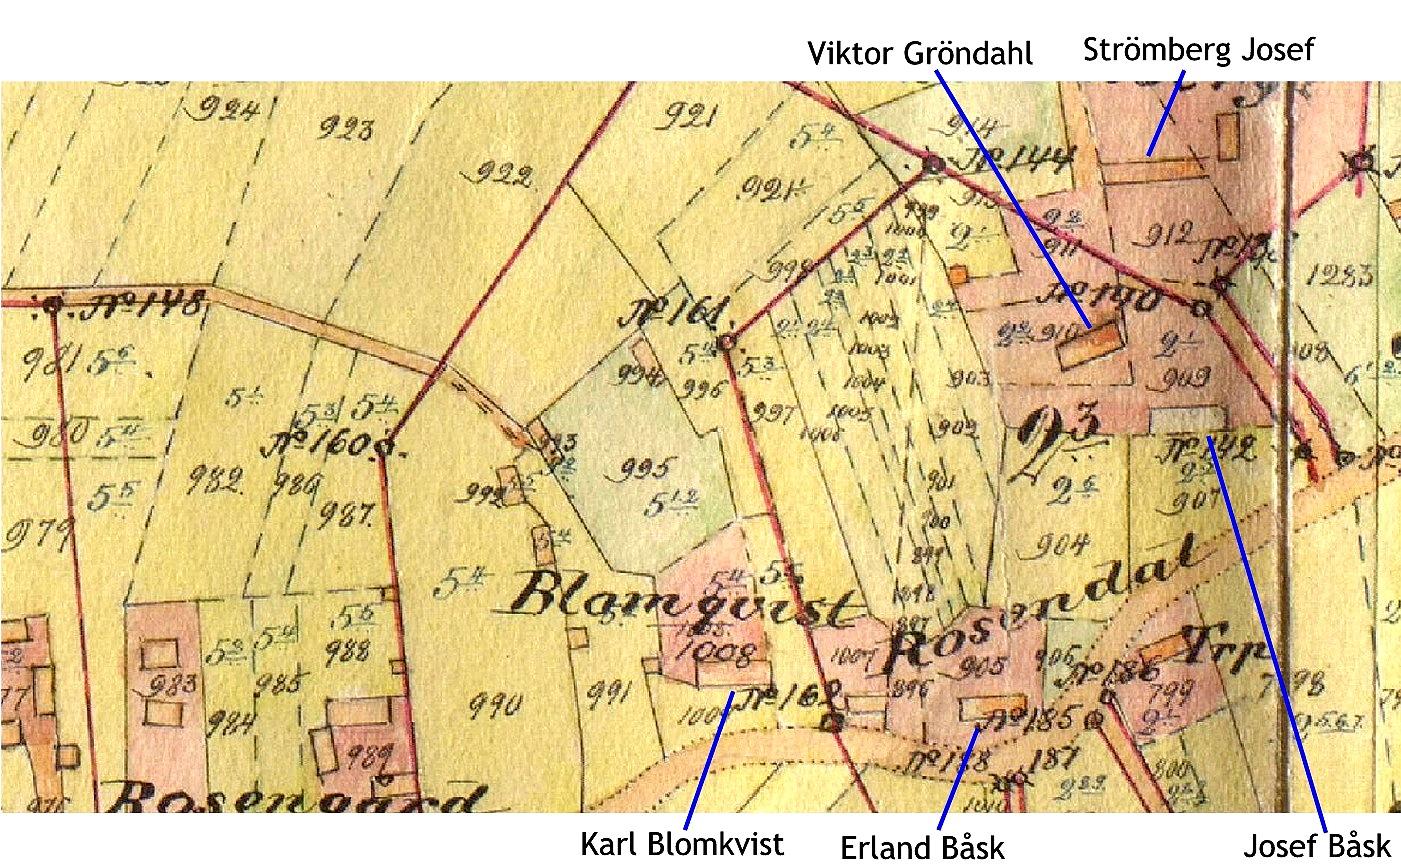 Här på storskifteskartan ser vi hur gårdarna var placerade i området runt Gröndahlas tå och Kias-kroken. Viktor Gröndahl och Josef Båsk var bröder och deras gårdar flyttades till Åbackan. Området togs sedan över av Erland Båsk på hemmanet Rosendal. Strömbergs gård uppe i högra hörnet finns fortfarande kvar på samma ställe.